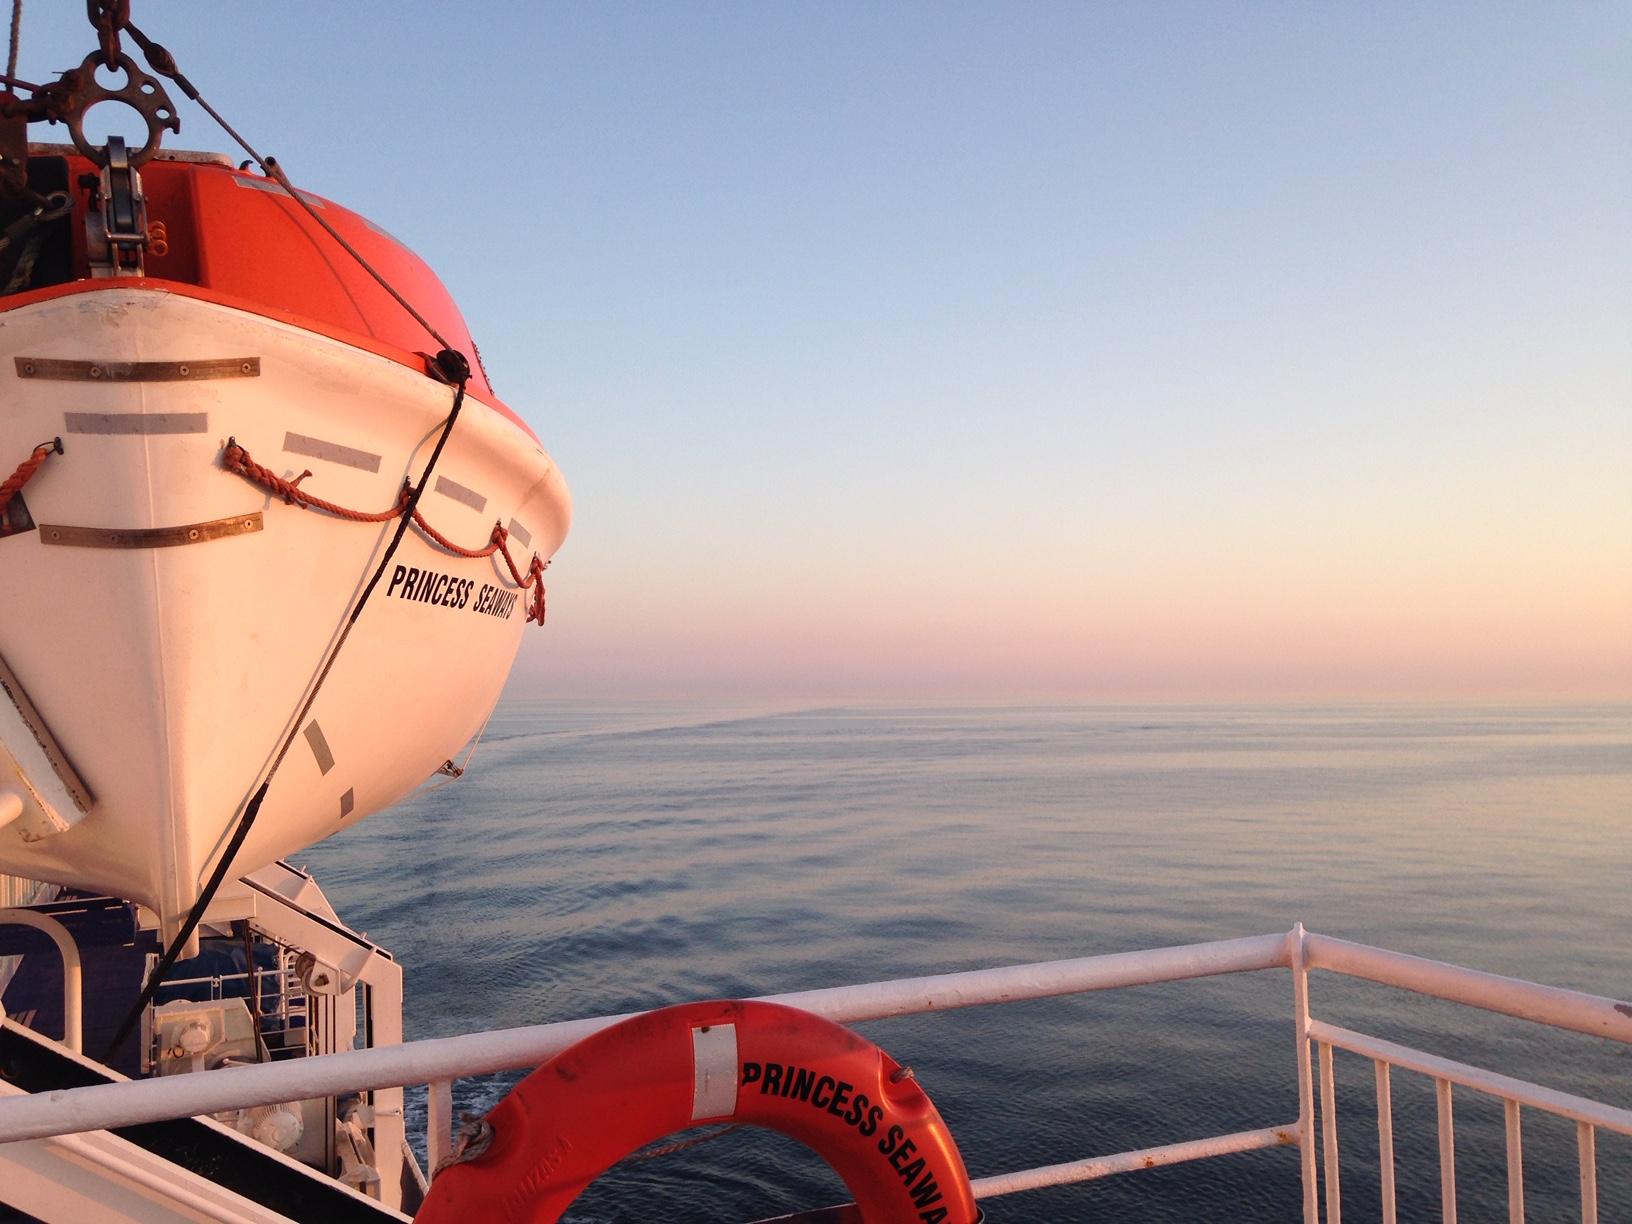 Schiffsreisenportal-kreuzfahrten-Schiffsreisen-Weltreisen_DFDS-Seaways-Princess-Mini-Kreuzfahrt-Bild2